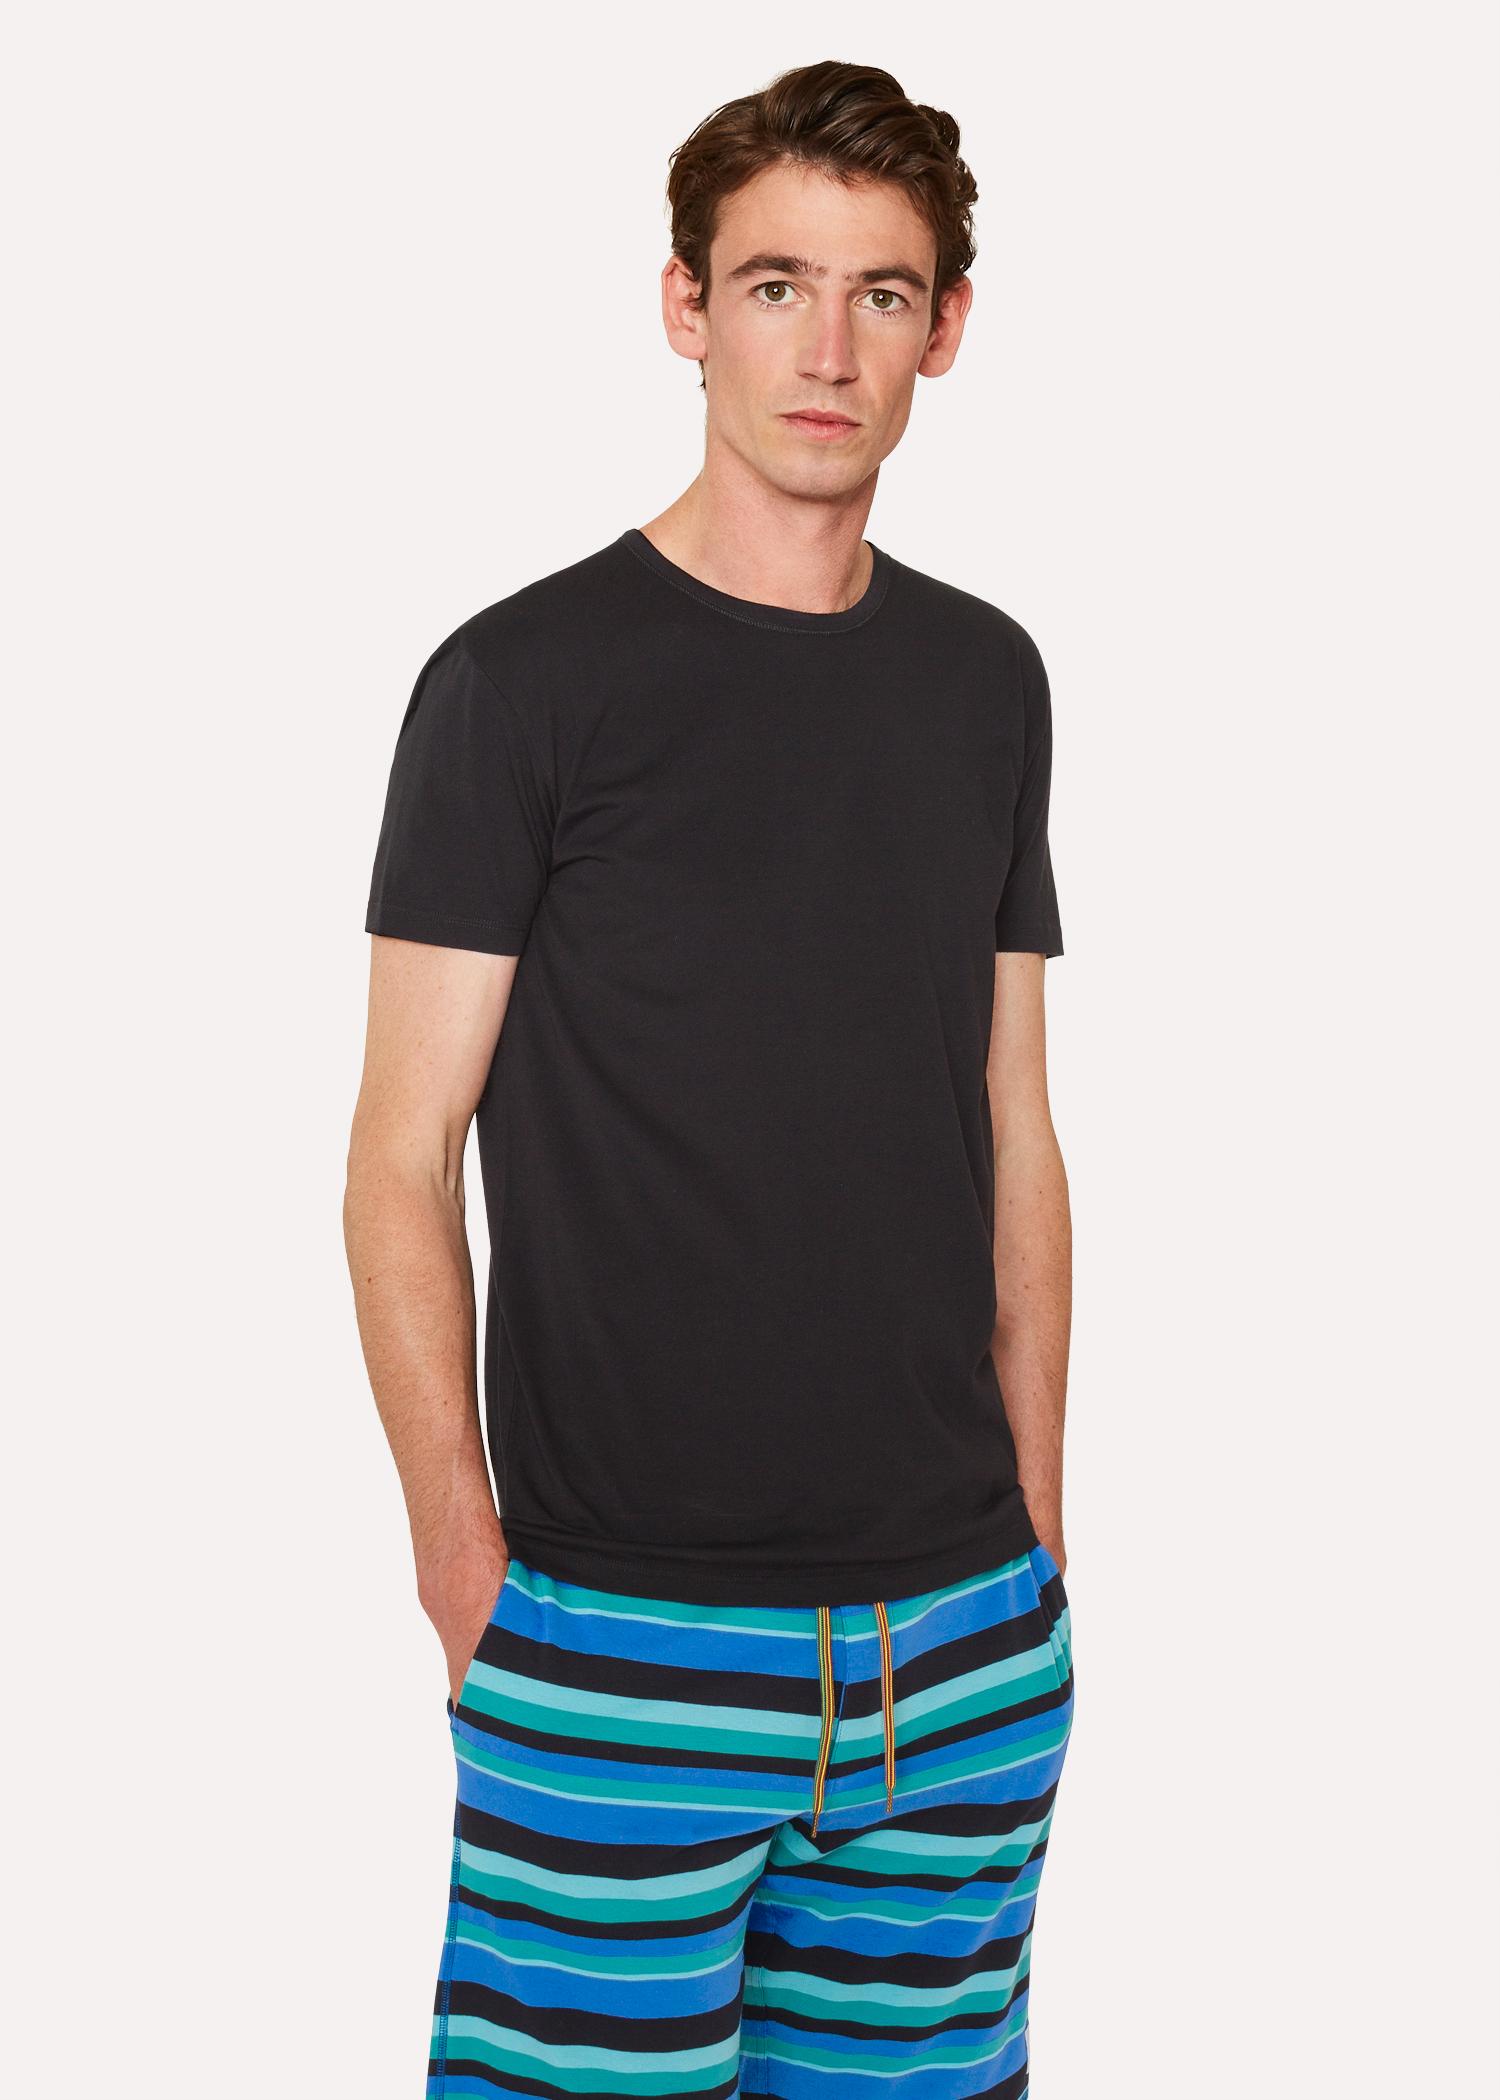 maillot de corps homme noir en coton paul smith francais. Black Bedroom Furniture Sets. Home Design Ideas